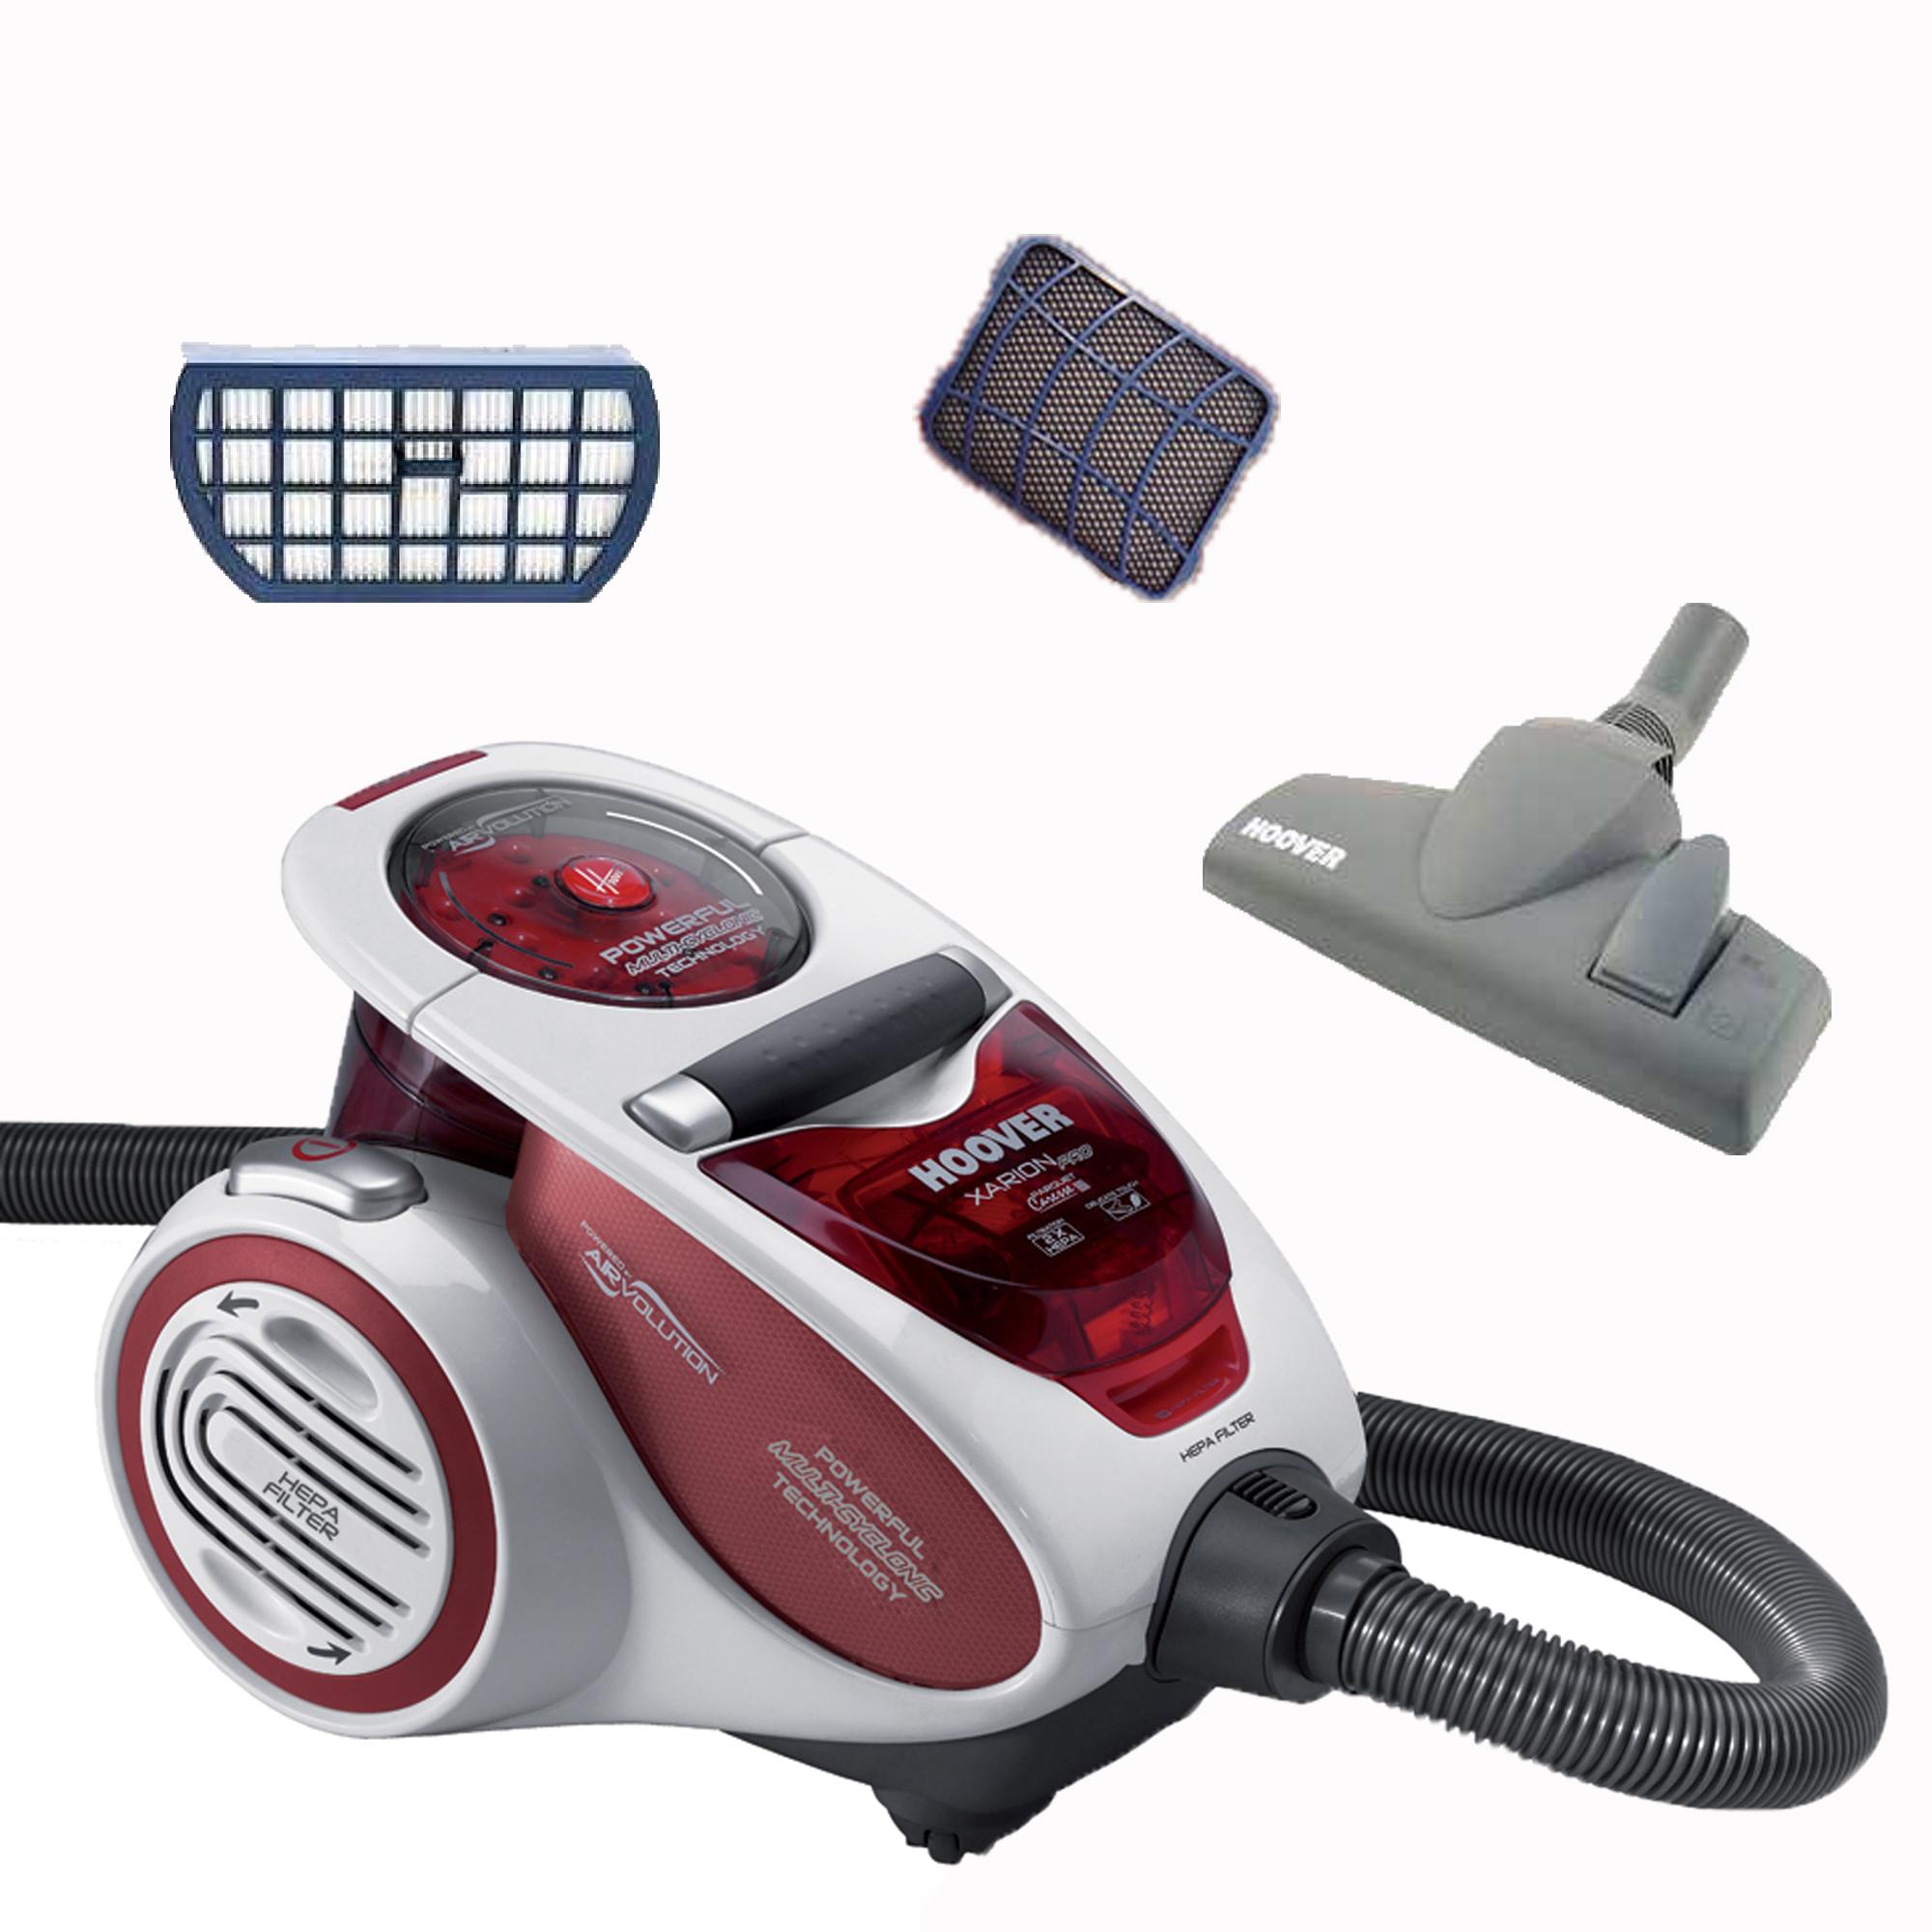 Комплекты подготовка Контейнерный пылесос Xarion Pro TXP1510 019 + аксессуары